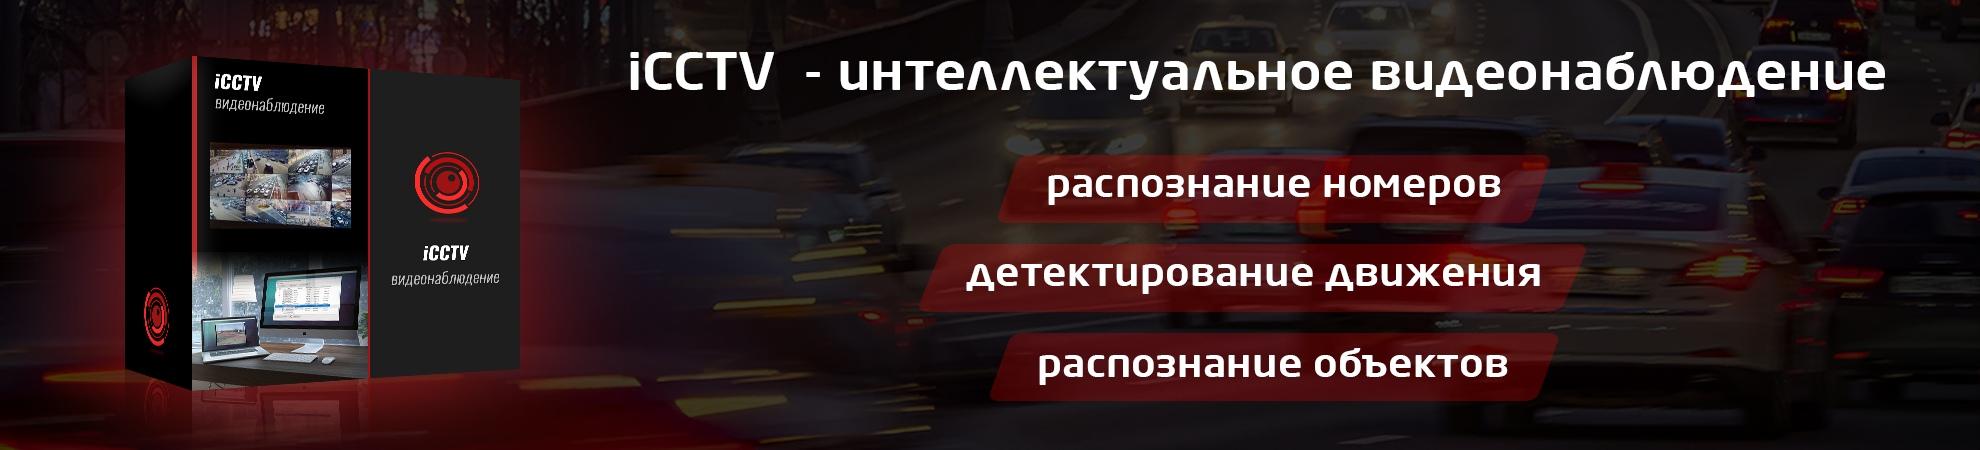 <p>iCCTV</p>